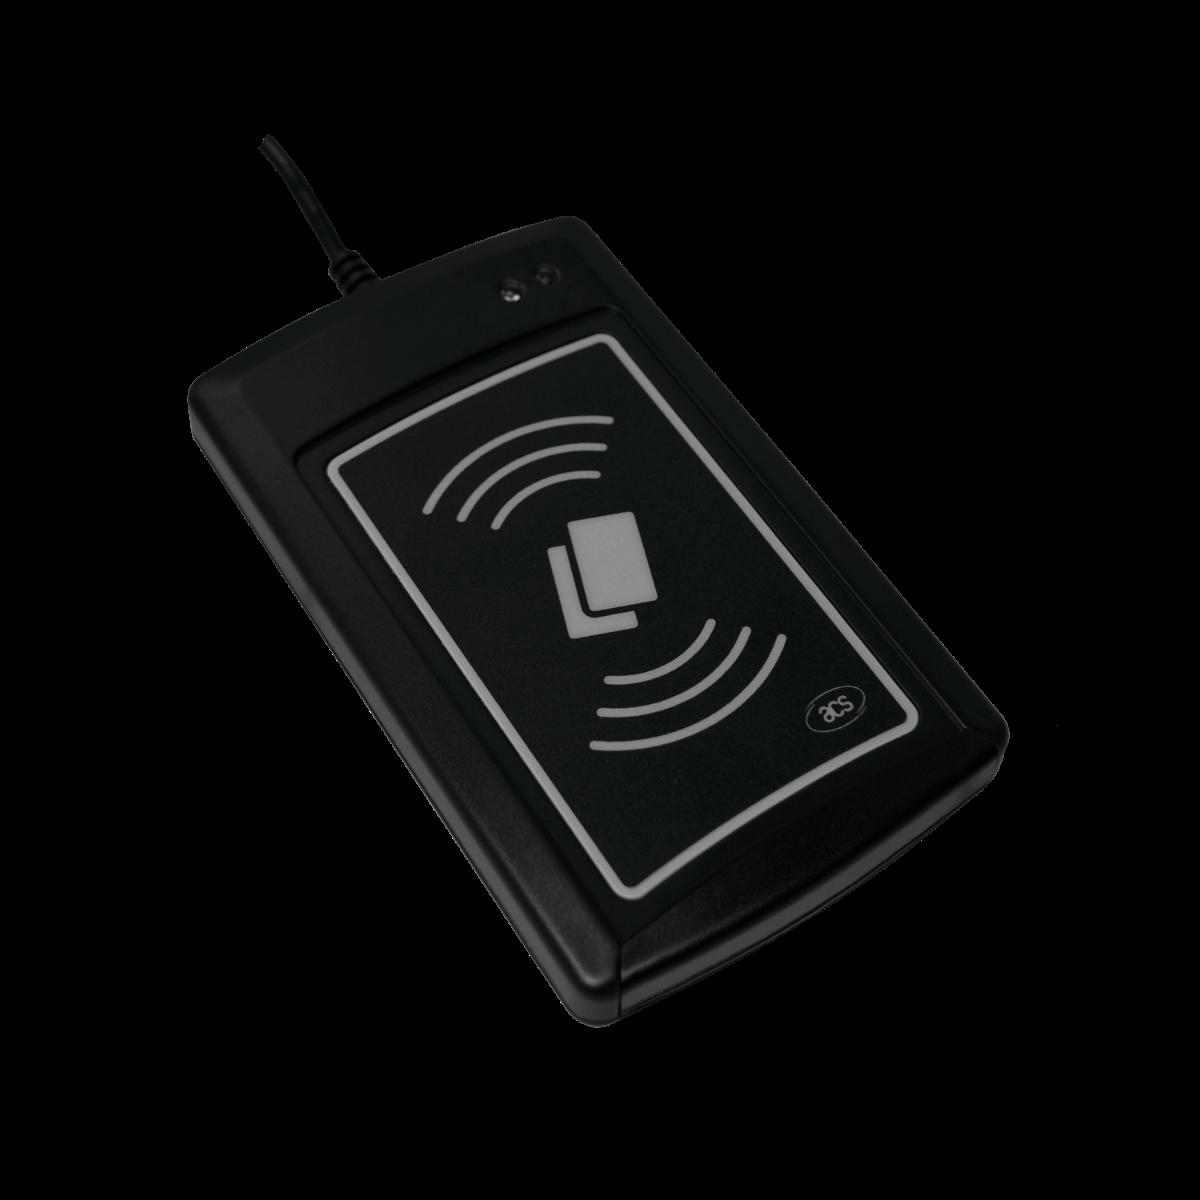 ACR1281U NFC UID Reader